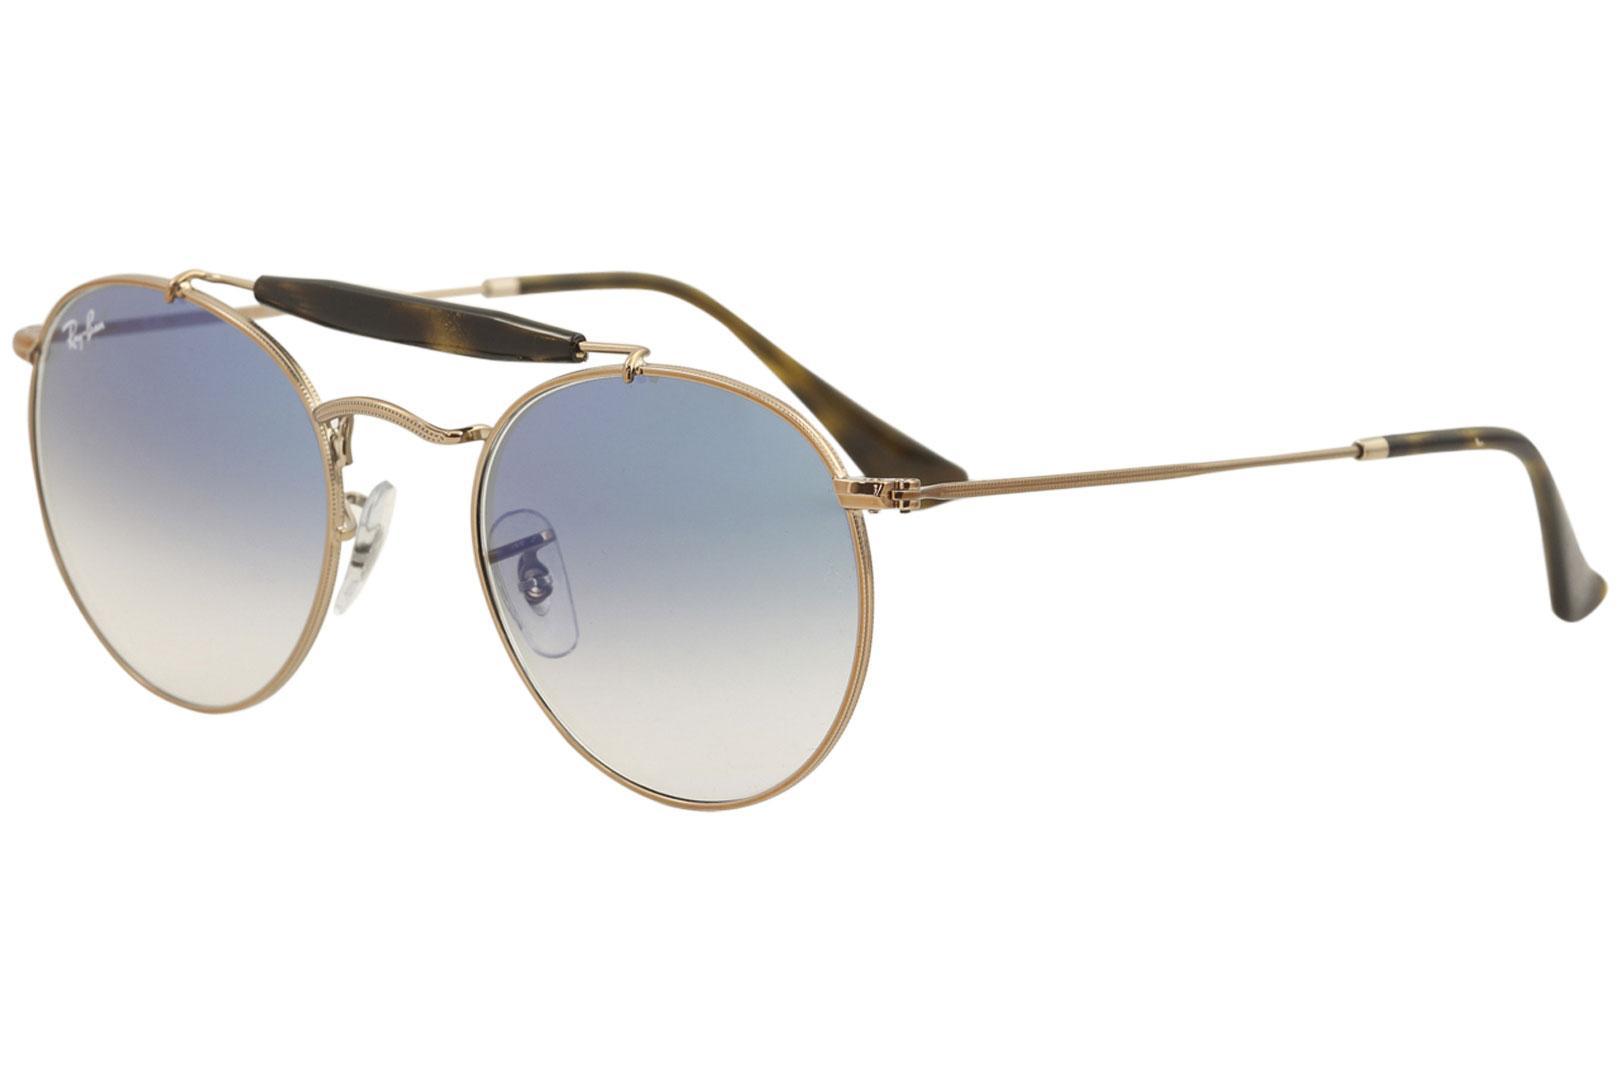 d3fbec6d35 Ray Ban 3747 Ray Bans Sunglasses - Restaurant and Palinka Bar